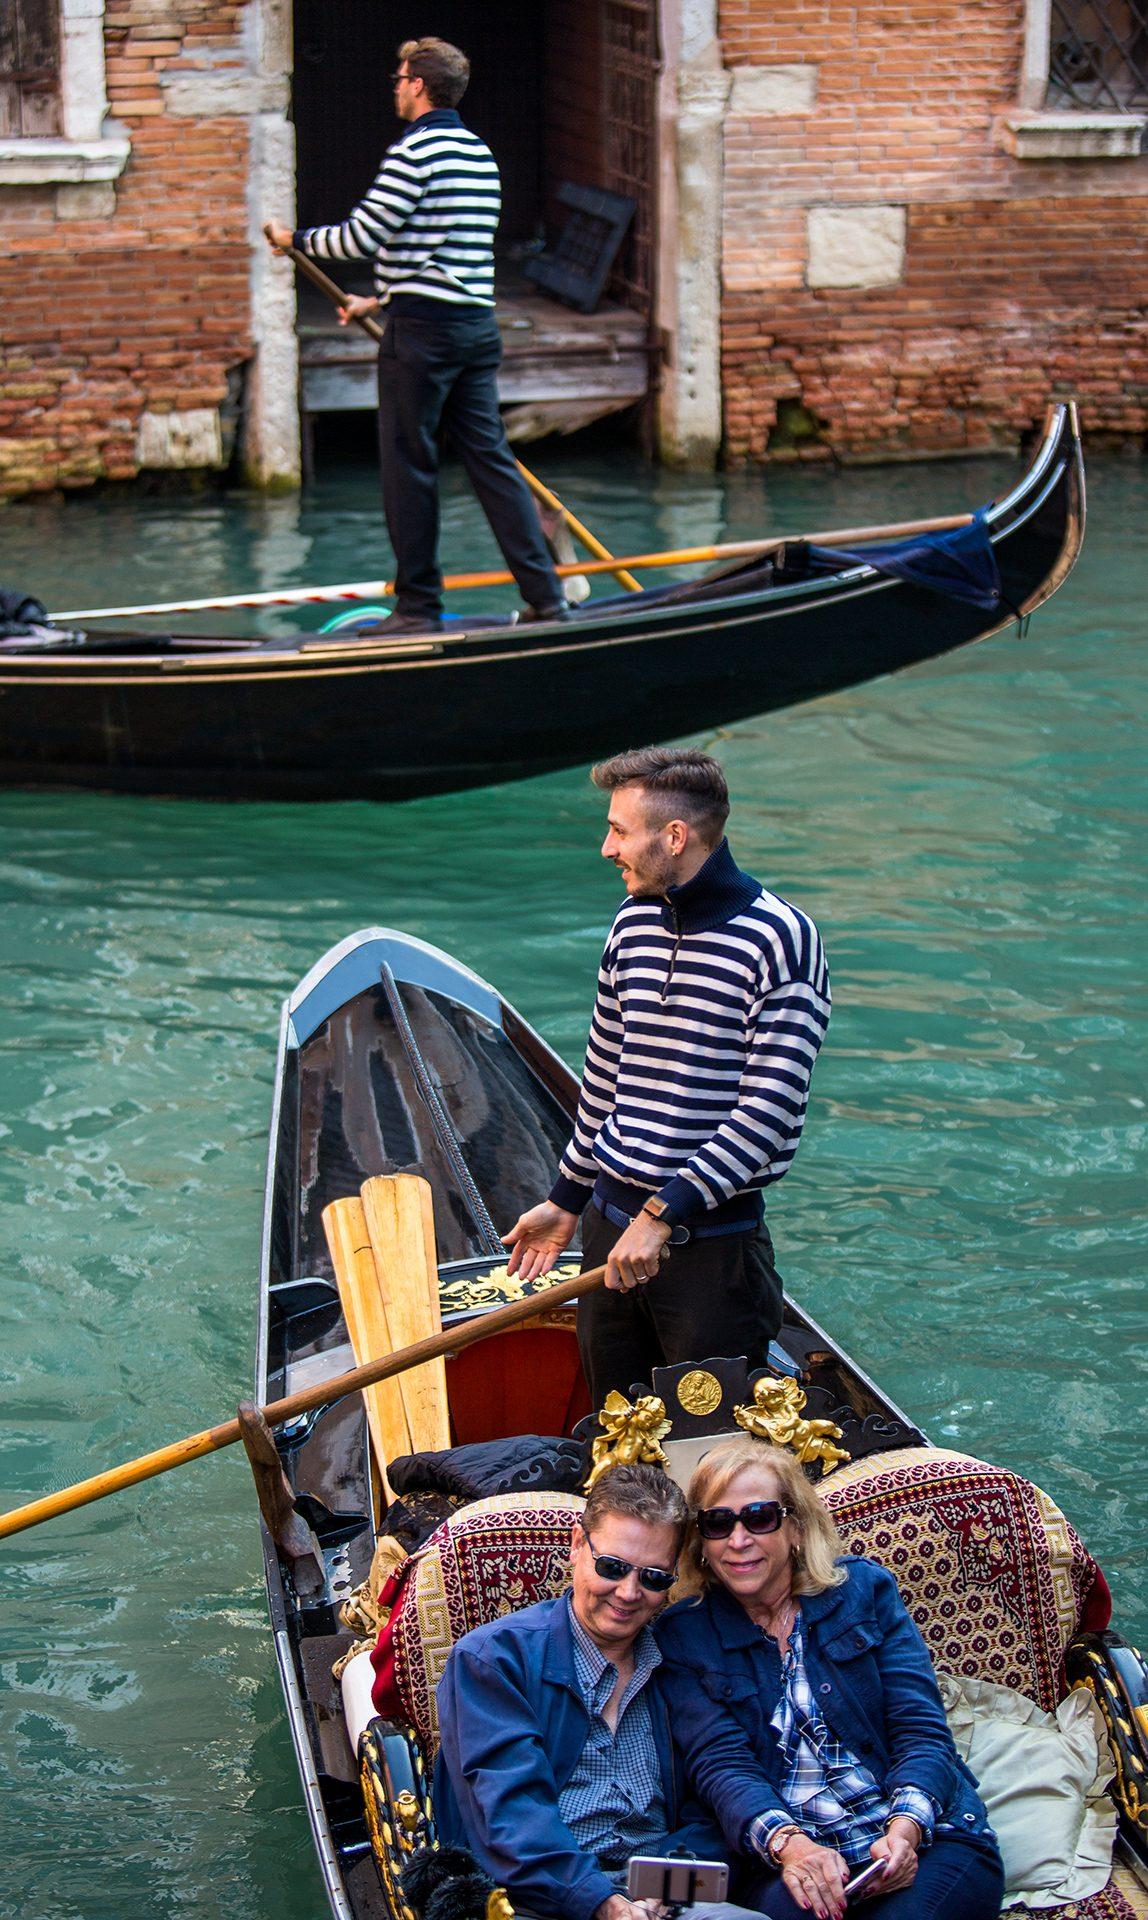 Venice, Italy, gondolas, gondoliers, gondolier, channel, tourism, tourists, Europe